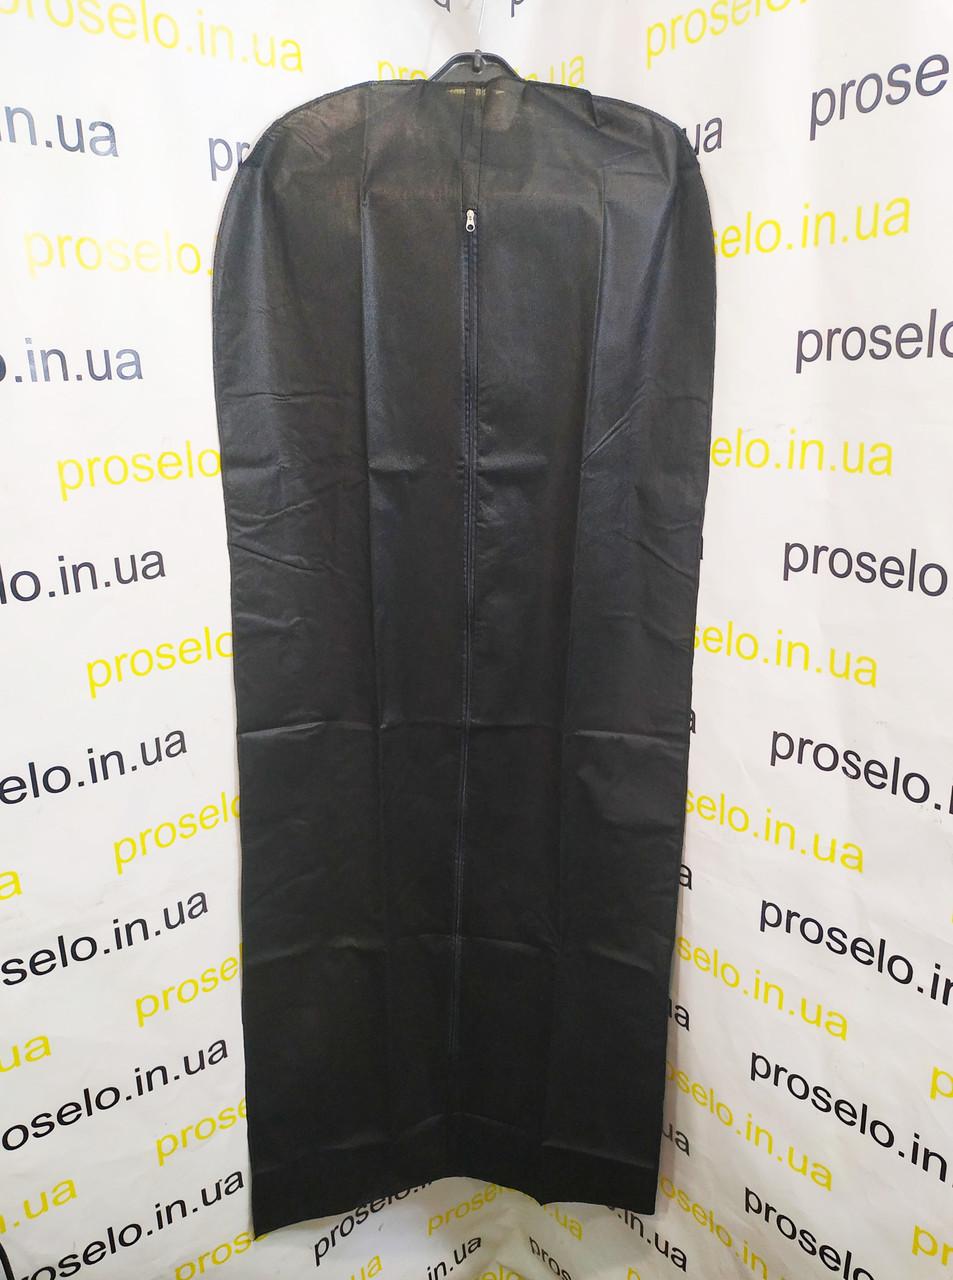 Чехол для одежды 160х60см. На флизелиновой основе. Shadow (Чехия)